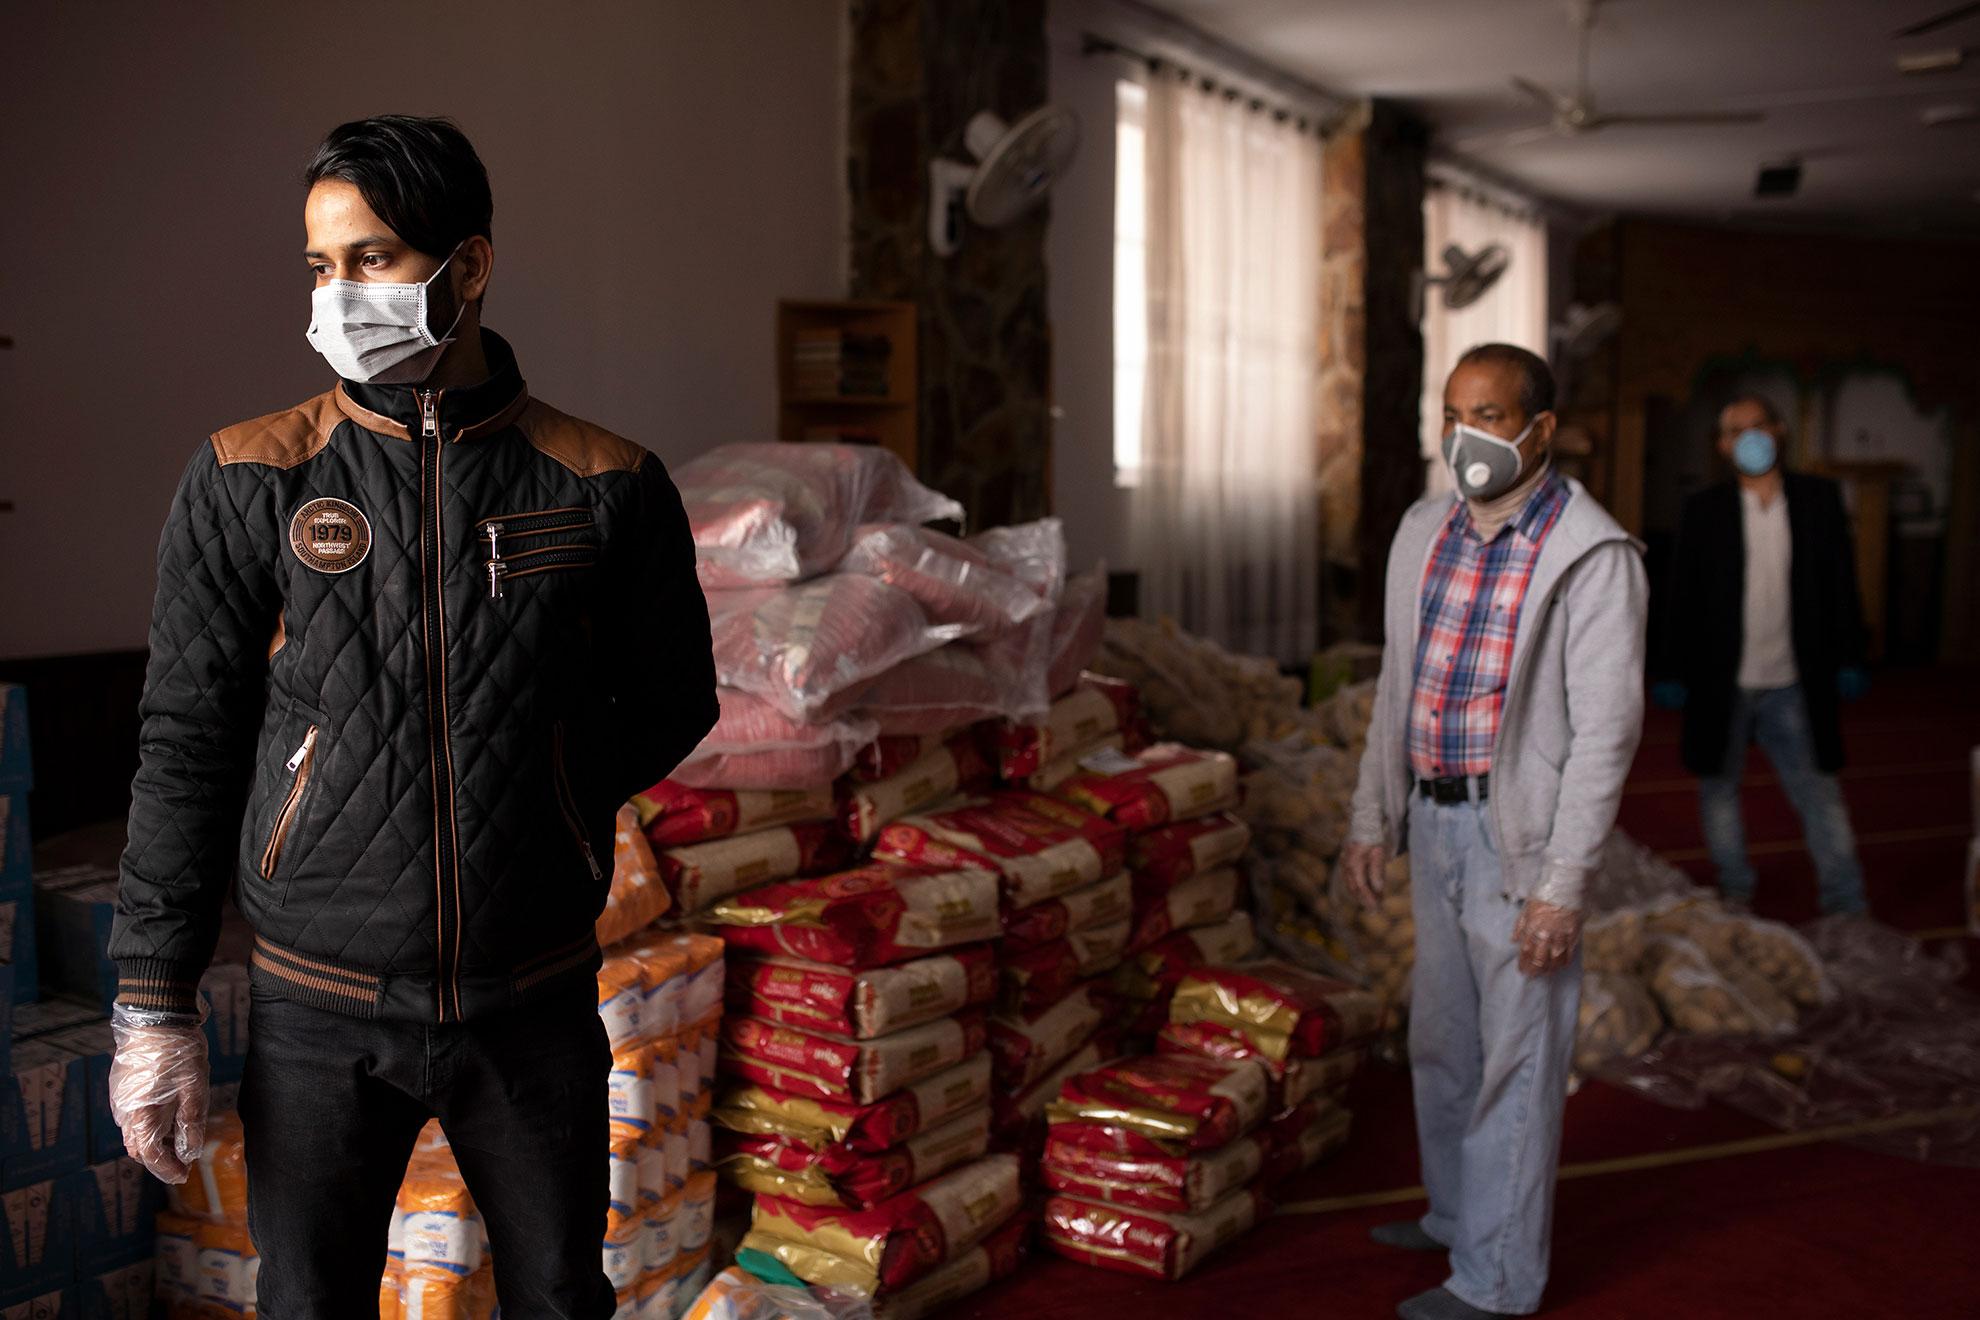 Aunque las mezquitas están cerradas al culto por el Covid-19, la red de apoyo a sus feligreses no ha cesado. En el barrio de Lavapiés, 30 voluntarios de la asociación Valiente Bangla se han organizado en torno a la mezquita de la calle Provisiones para repartir alimentos entre los miembros de la comunidad que más lo necesitan. El sistema de trabajo, ahora que hay que evitar al máximo los contactos, es muy riguroso: los voluntarios preparan cestas con arroz, lentejas, aceite, huevos y otros productos básicos, y el día del reparto las van depositando a la puerta, donde acuden las personas que lo han solicitado previamente. La solidaridad se abre paso frente al distanciamiento social impuesto.